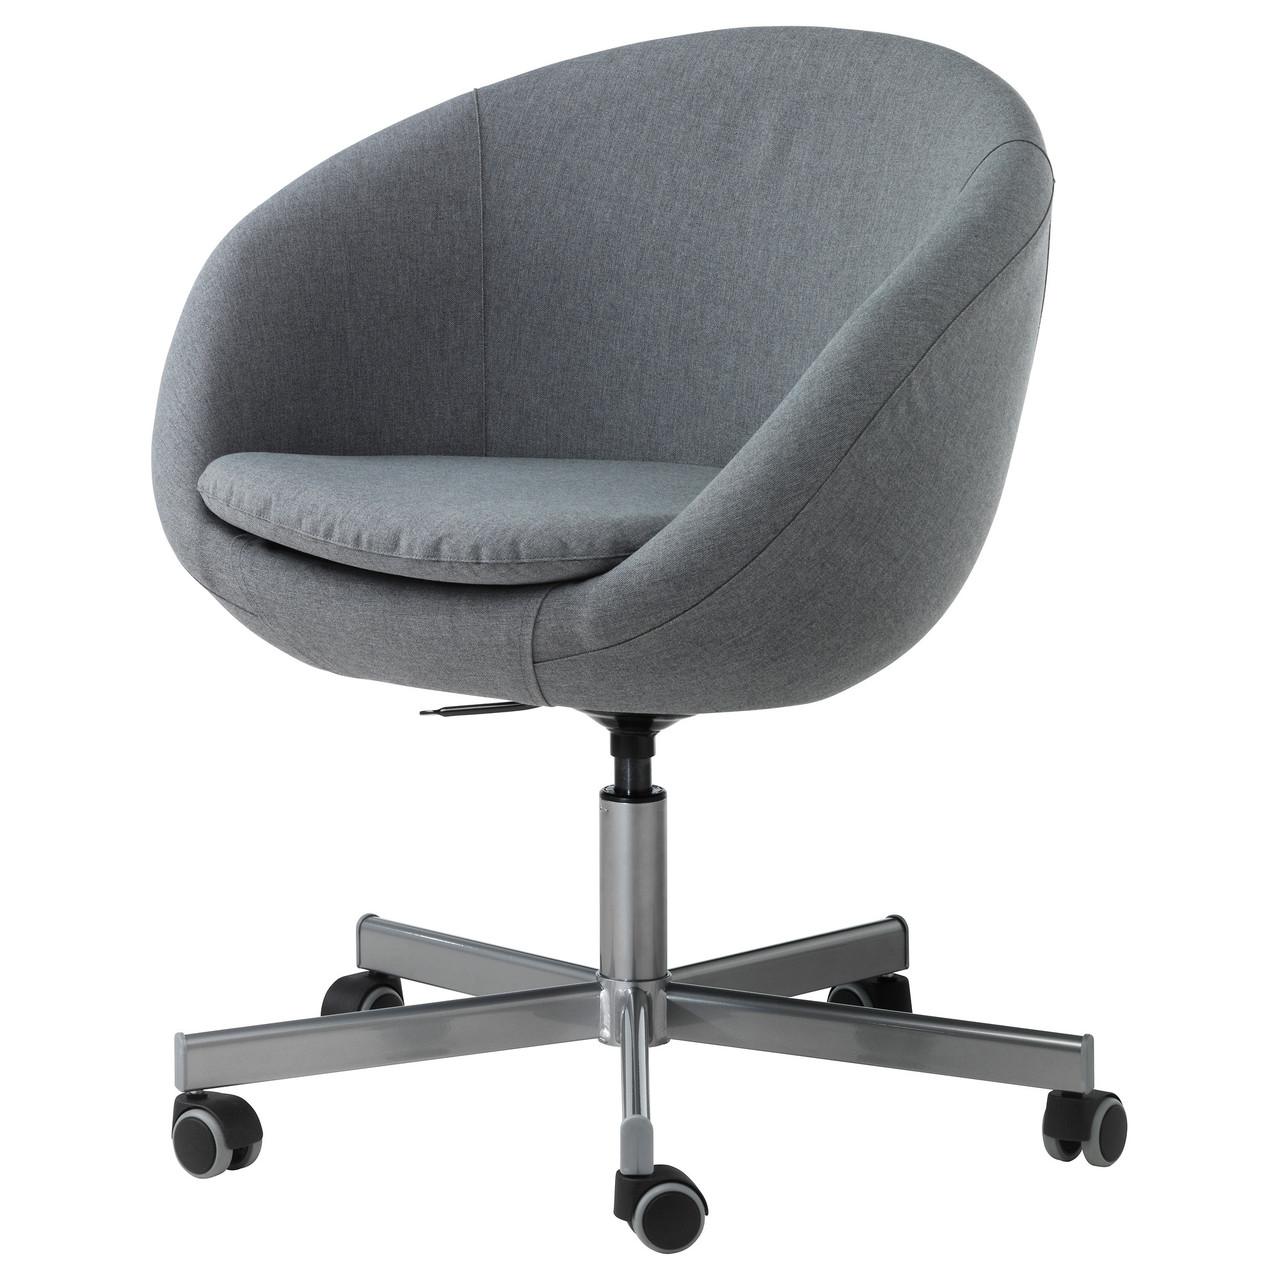 СКРУВСТА Кресло, серое , 302.800.04